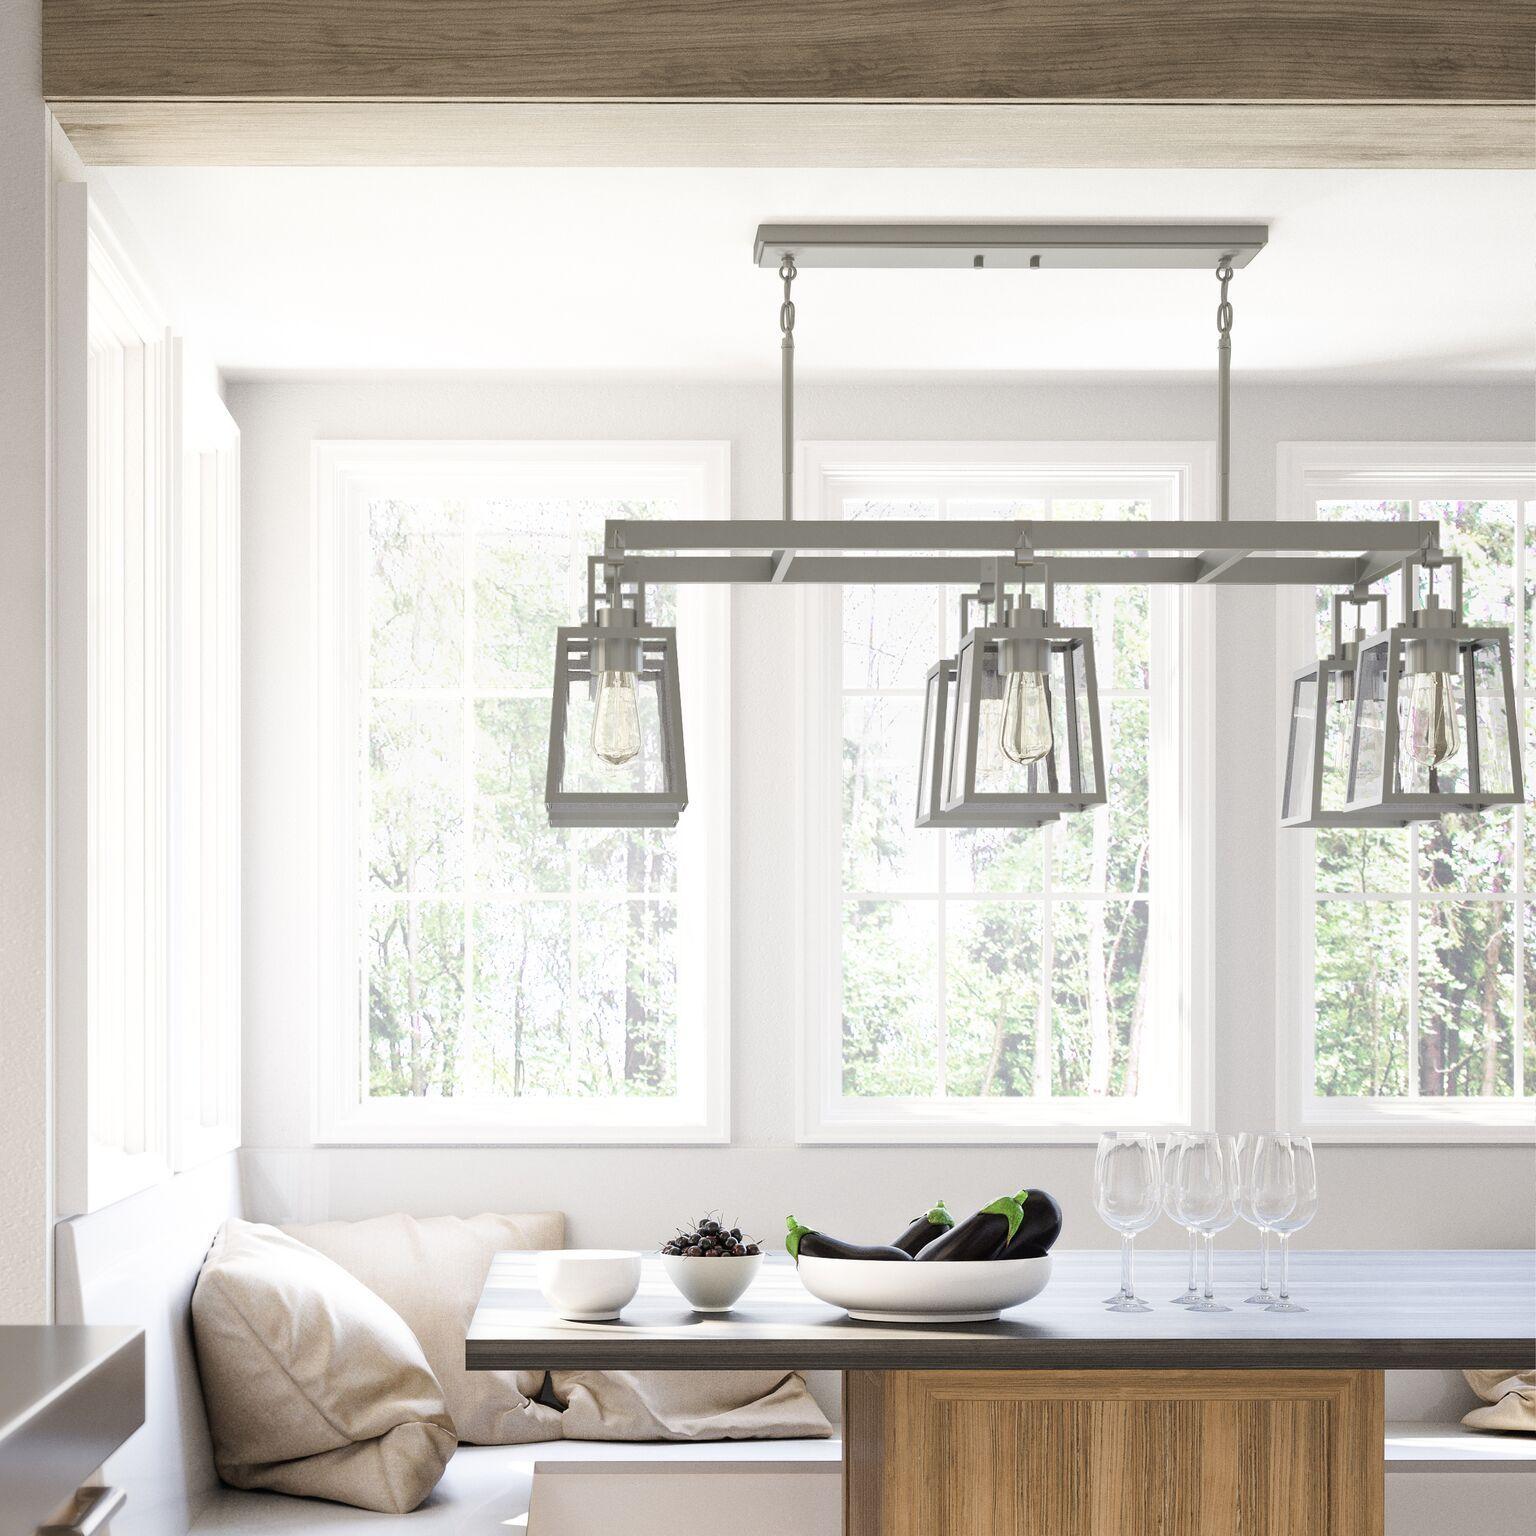 Capital Lighting Farmhouse light fixtures, Linear